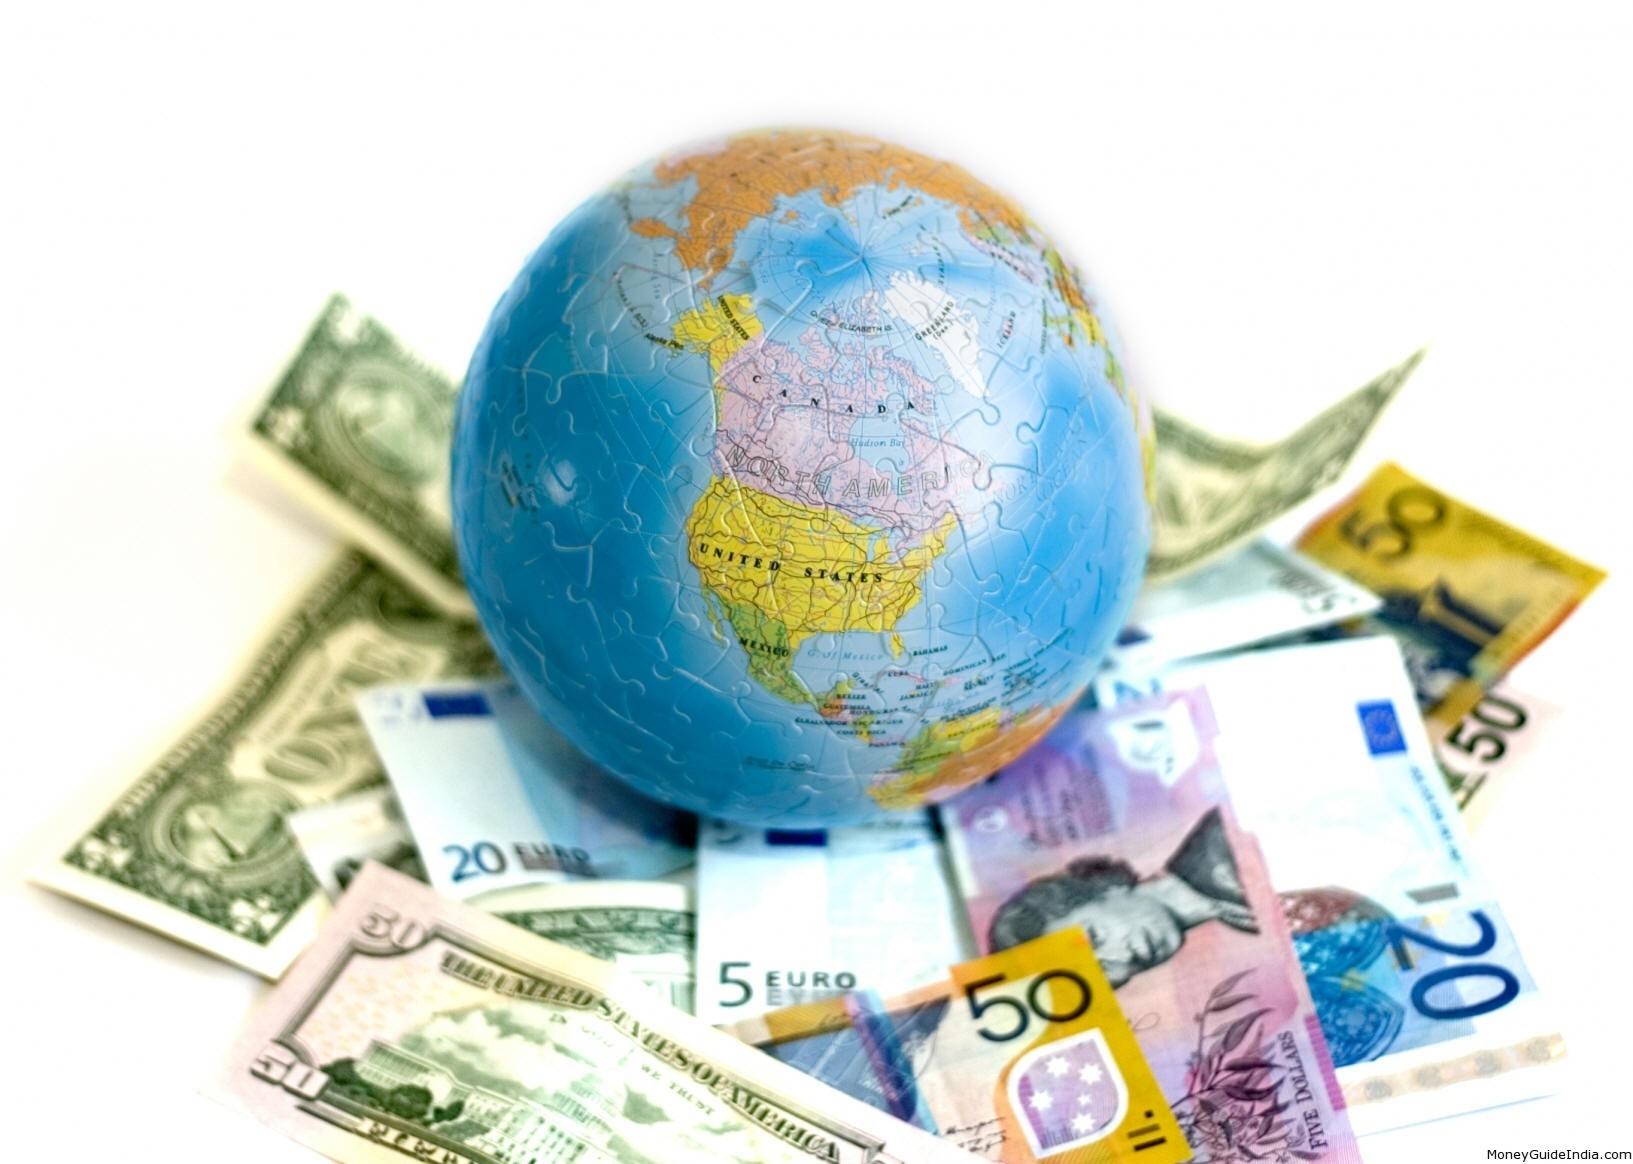 خروج نزدیک به یک تریلیون دلار سرمایه از اقتصادهای درحال ظهور در ۱۳ ماه گذشته